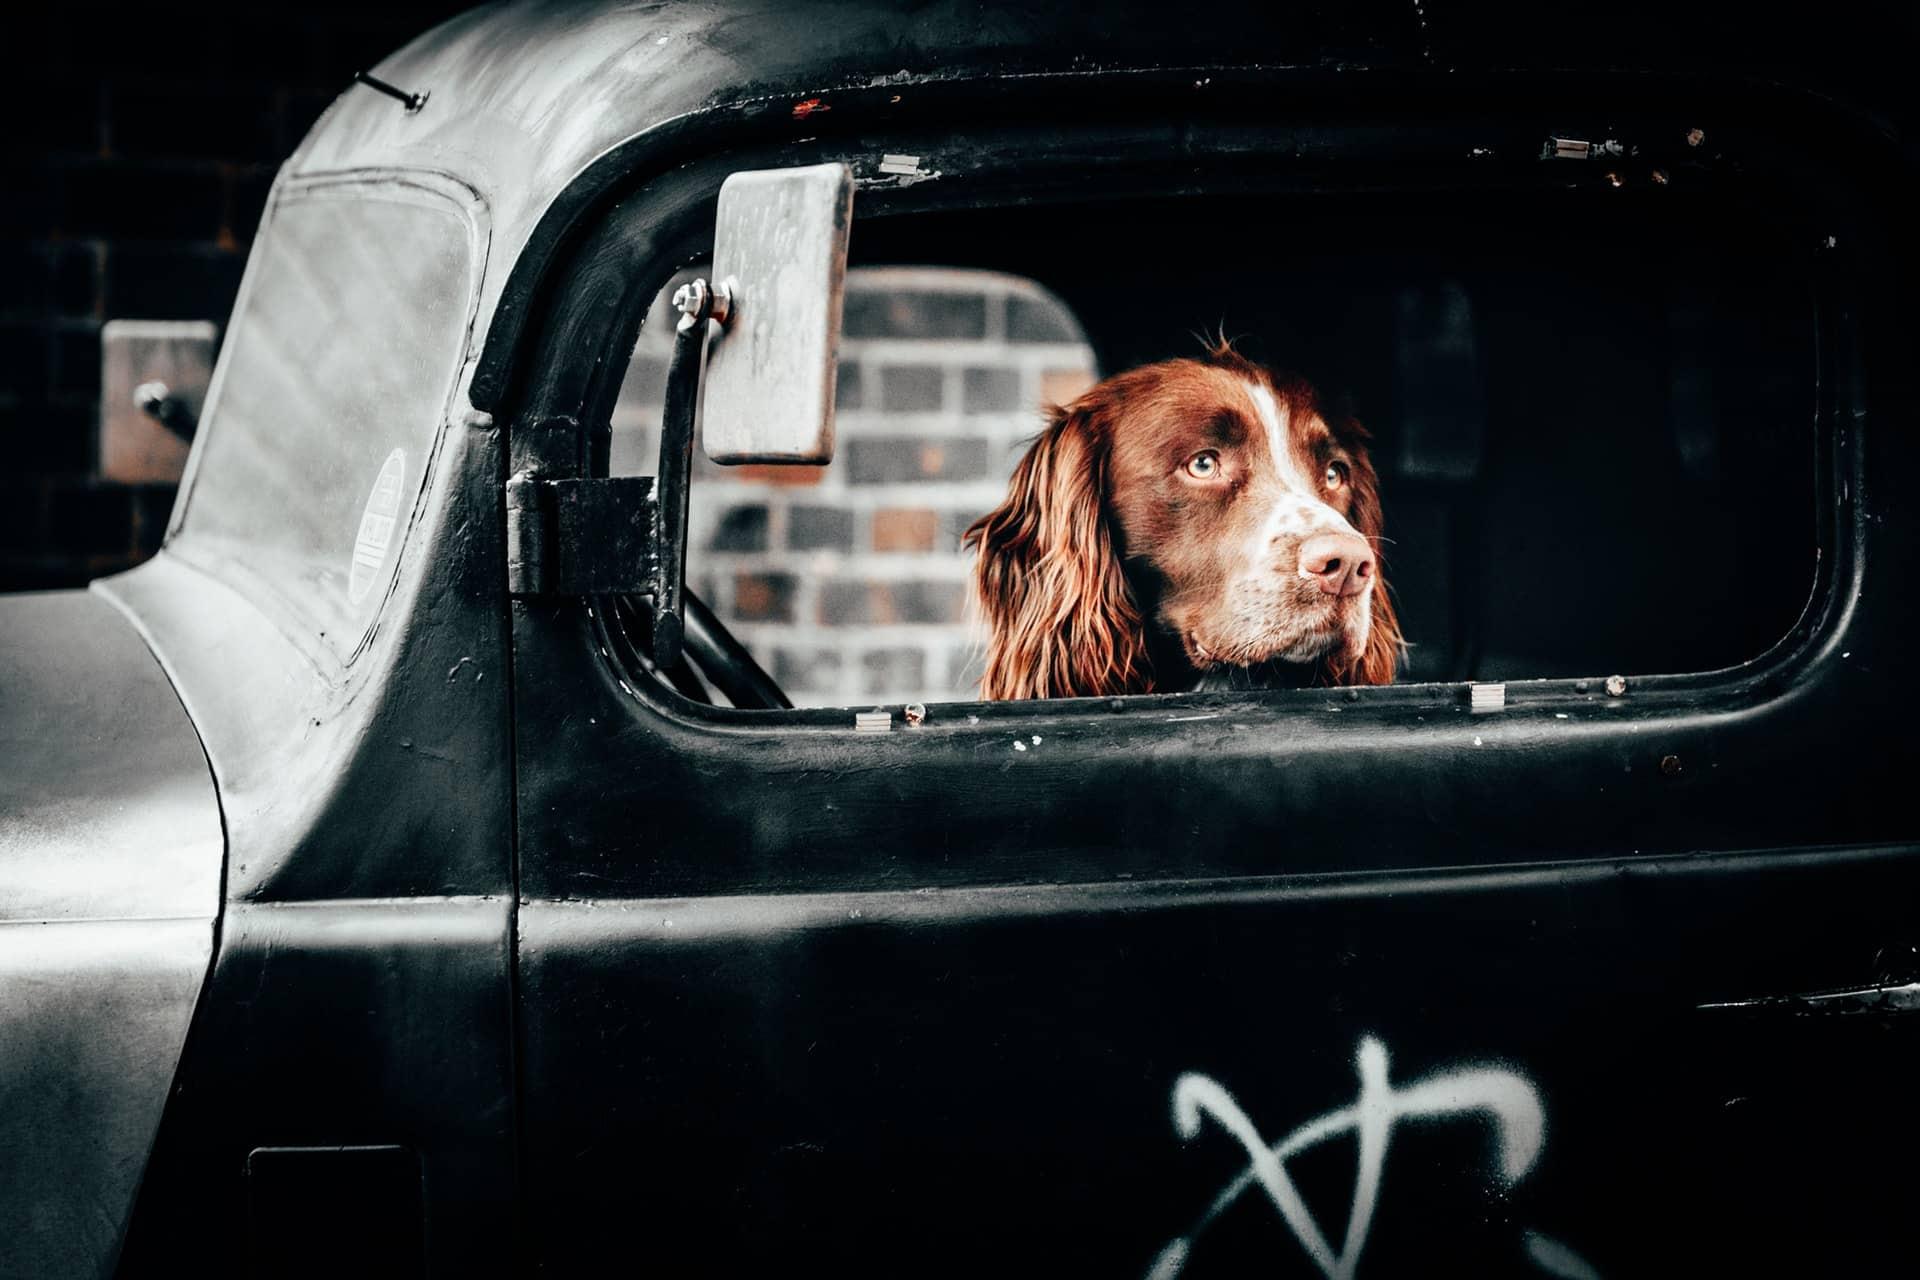 dog-inside-vehicle-2536231